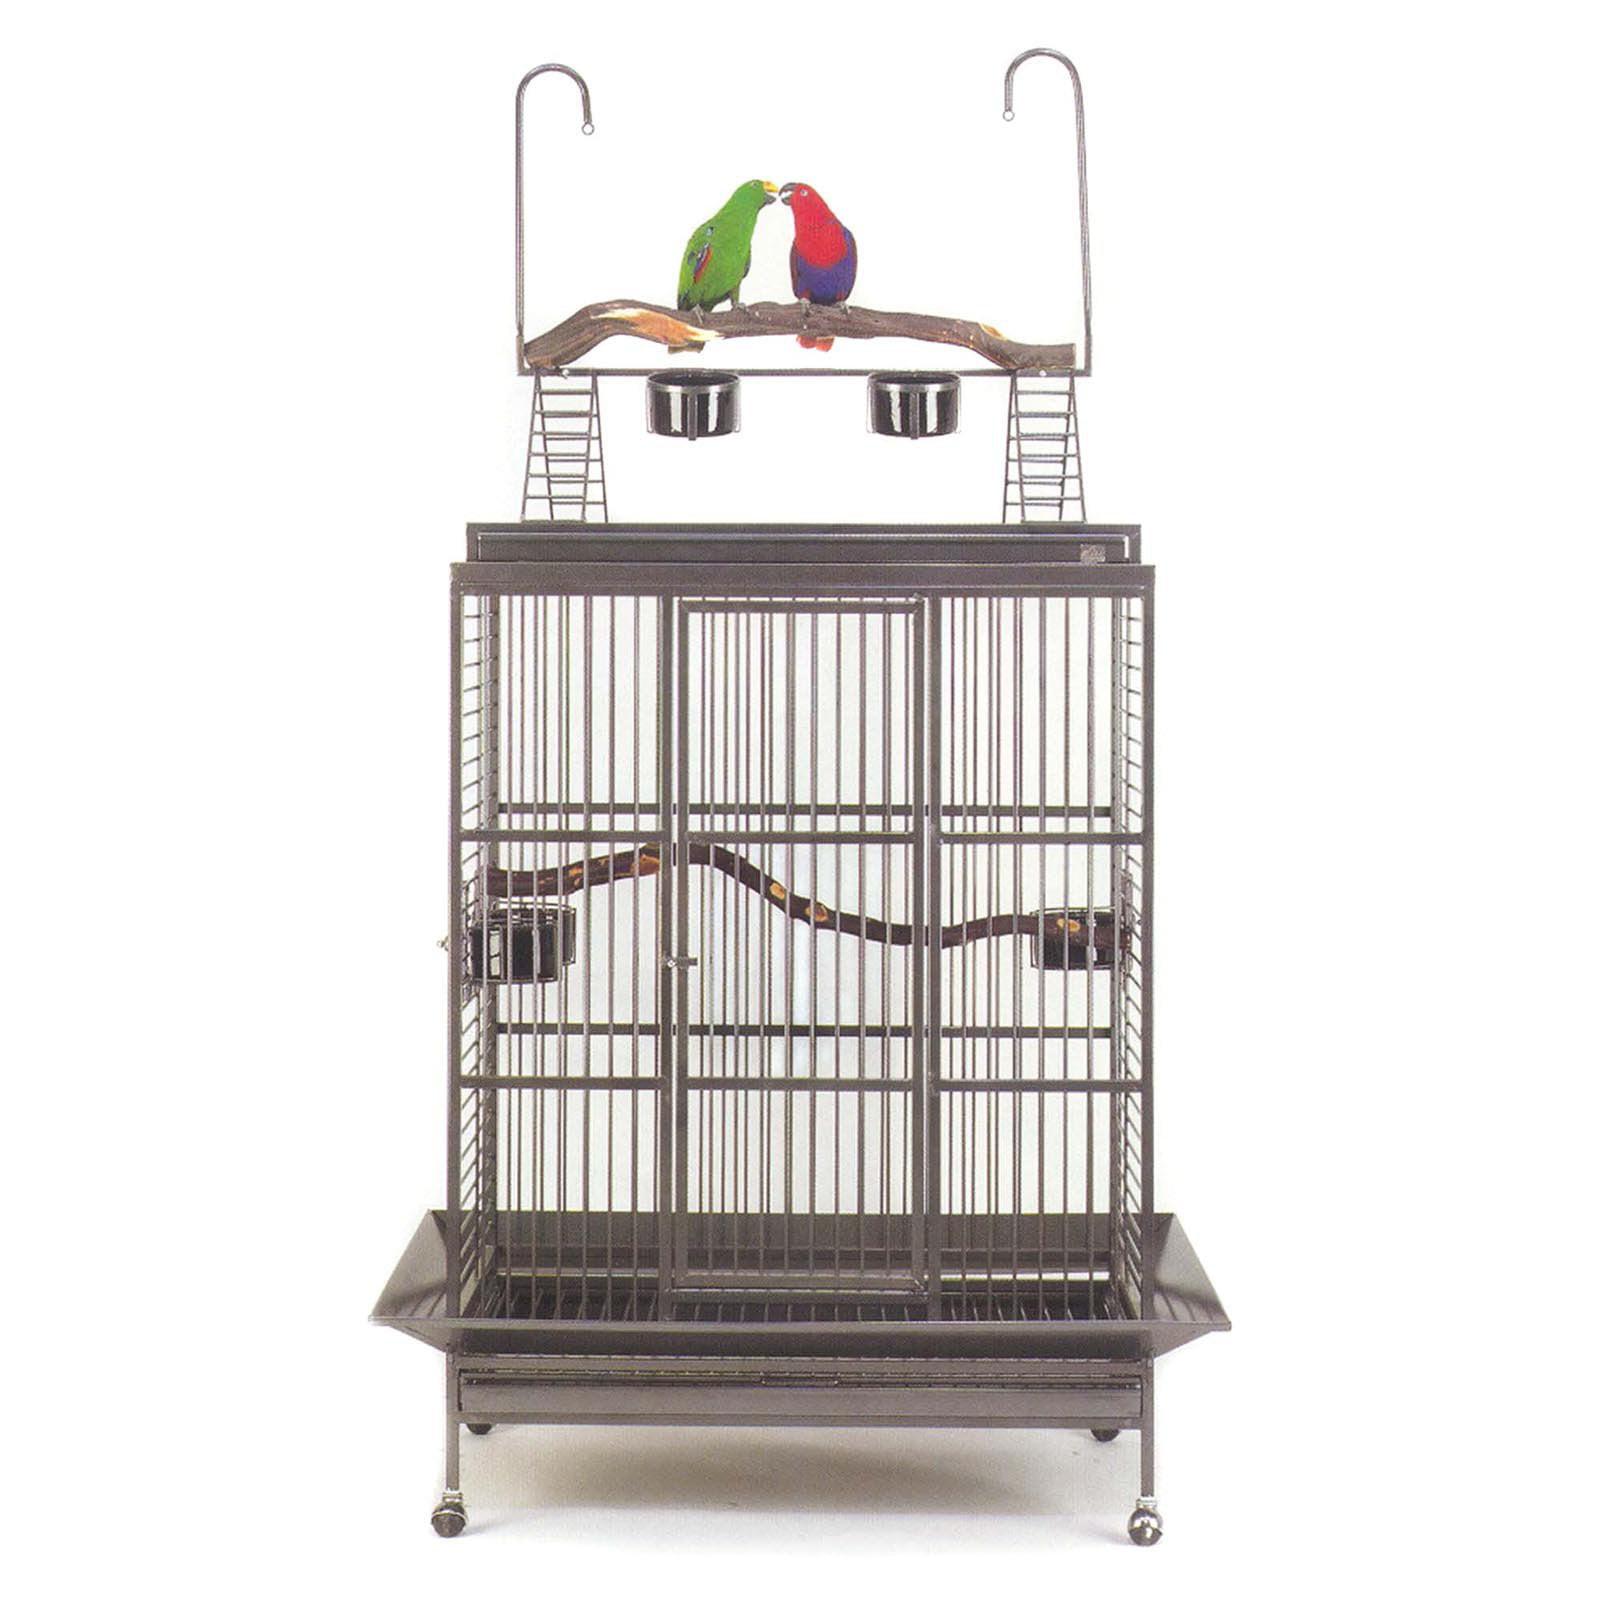 Avian Adventures Grande Playtop Bird Cage